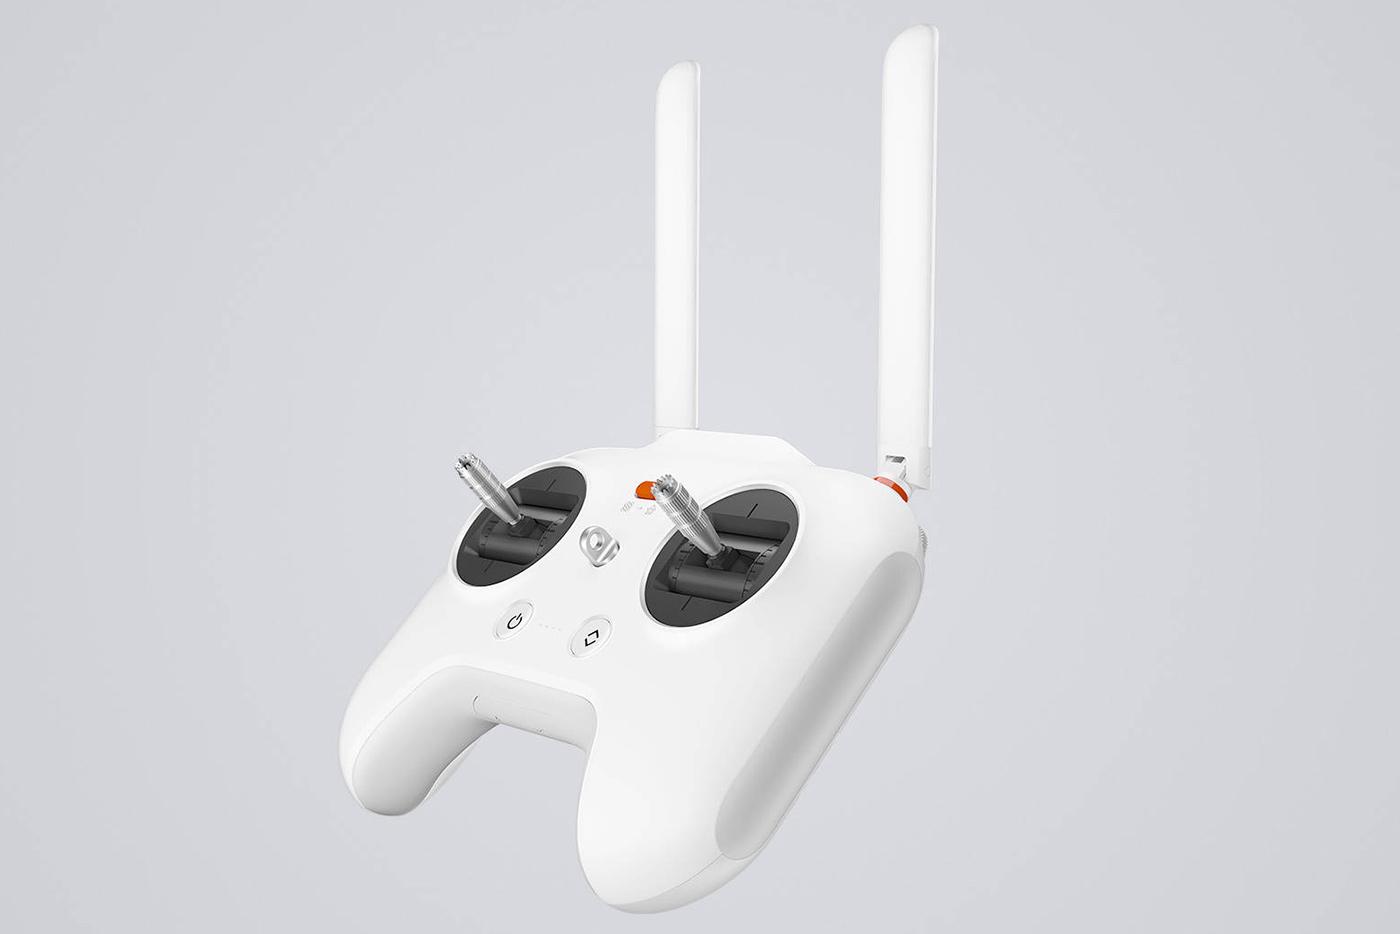 xiaomi-mi-drone-600 02